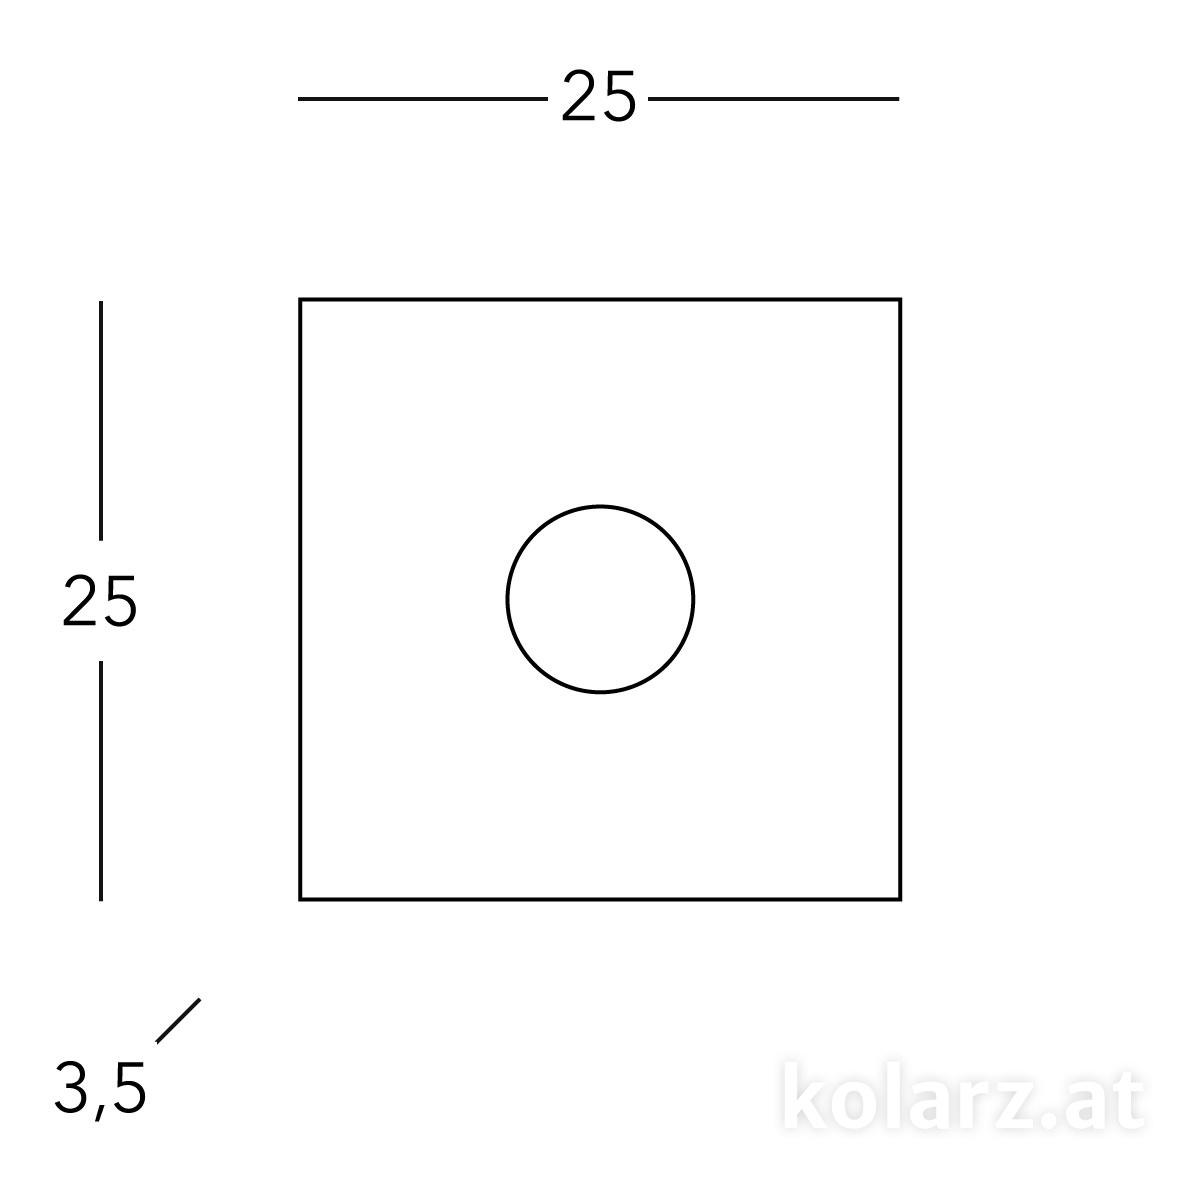 A1337-11-1-VinCu-s1.jpg